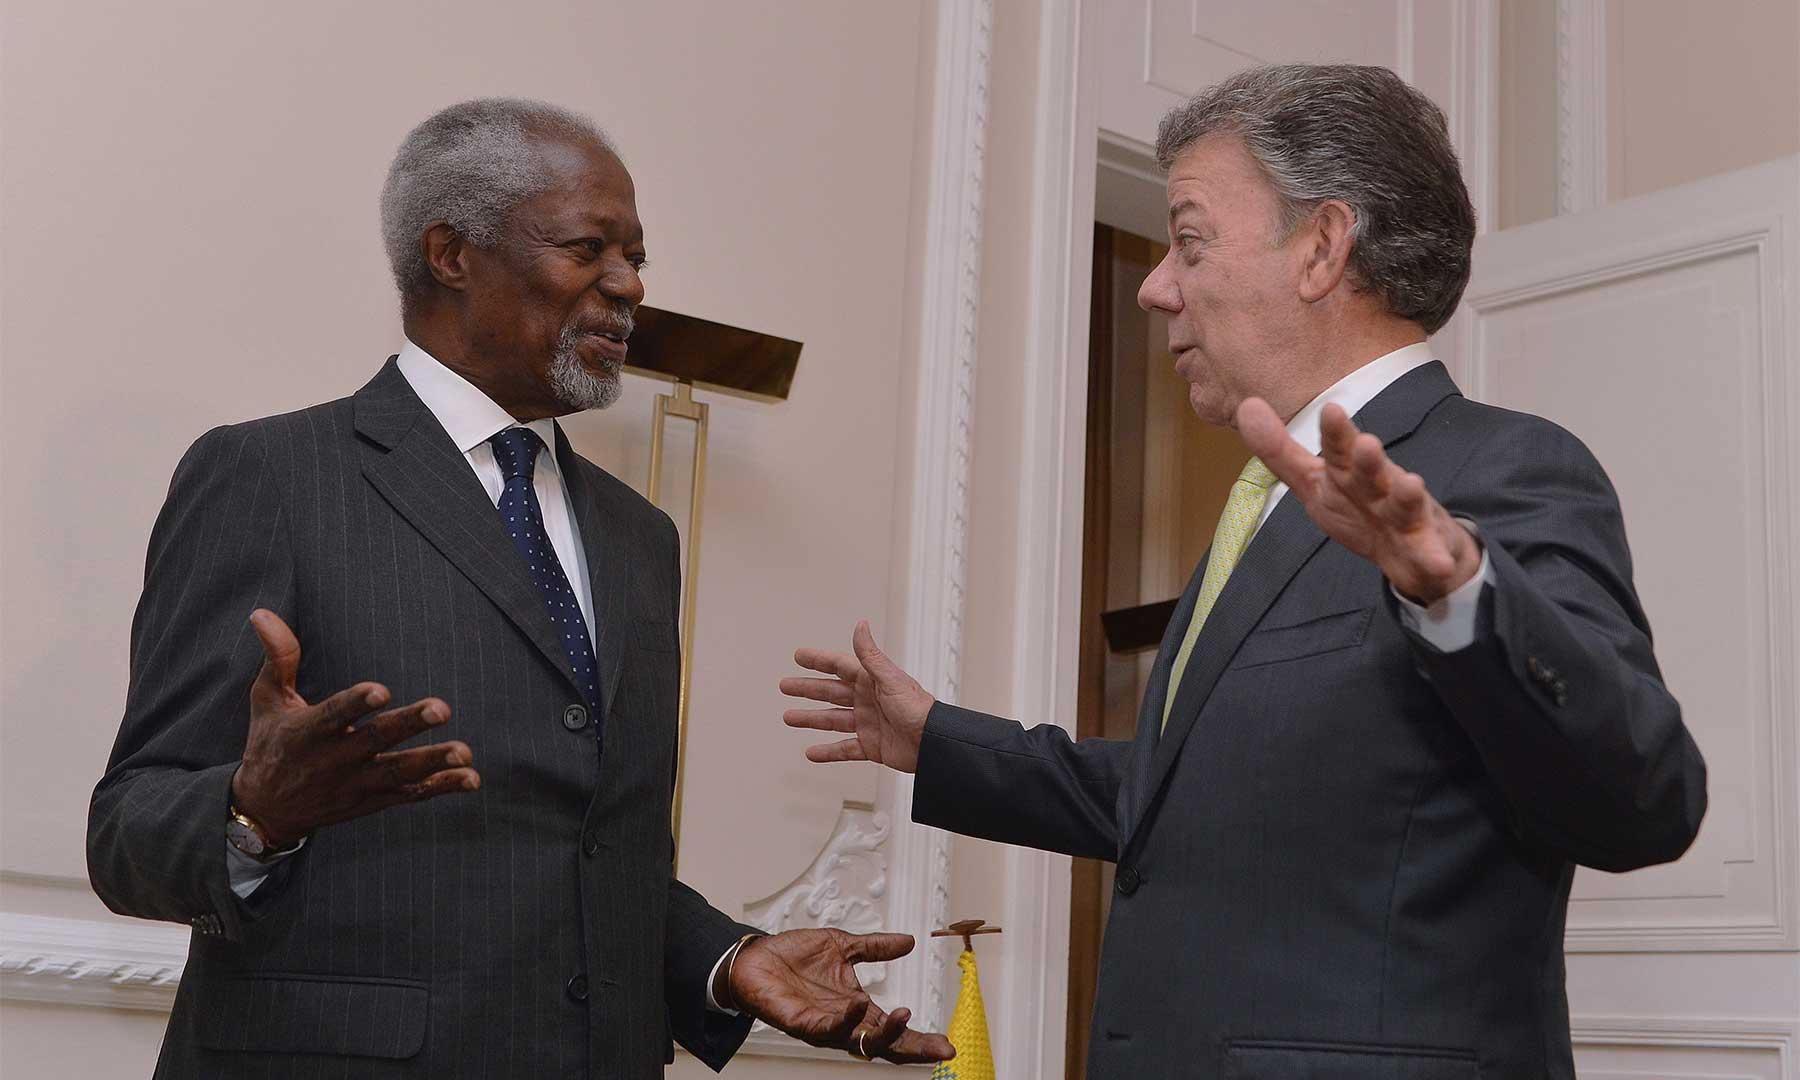 Kofi Anan y José Manuel Santos. Fotografía: La Gran Noticia